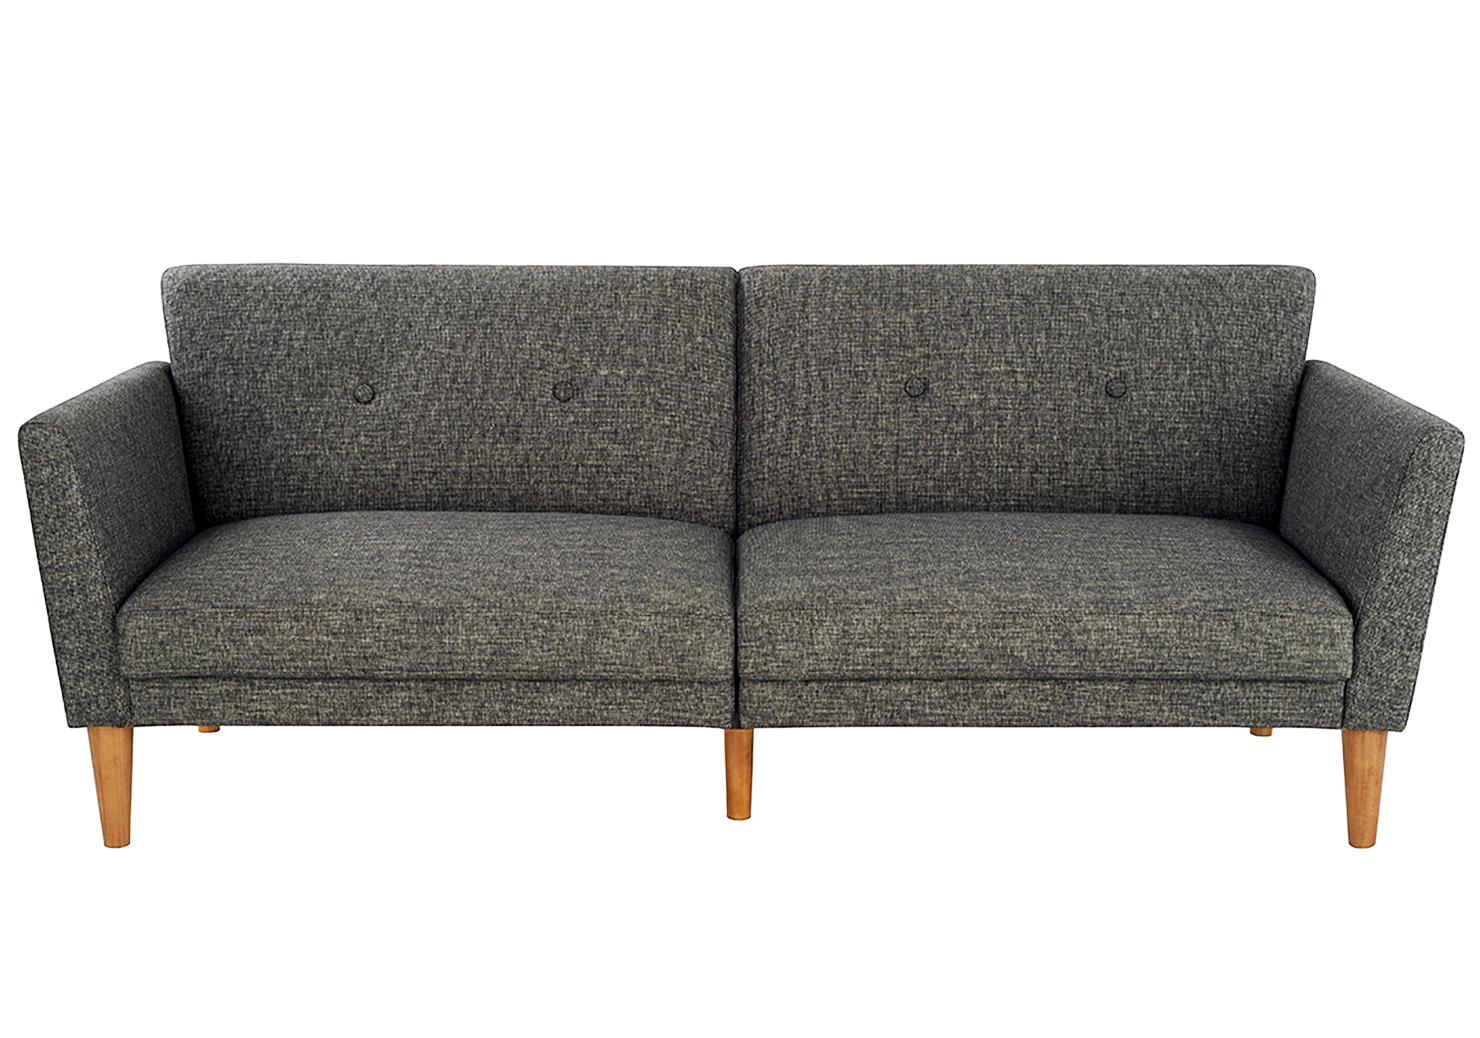 Novogratz family futon